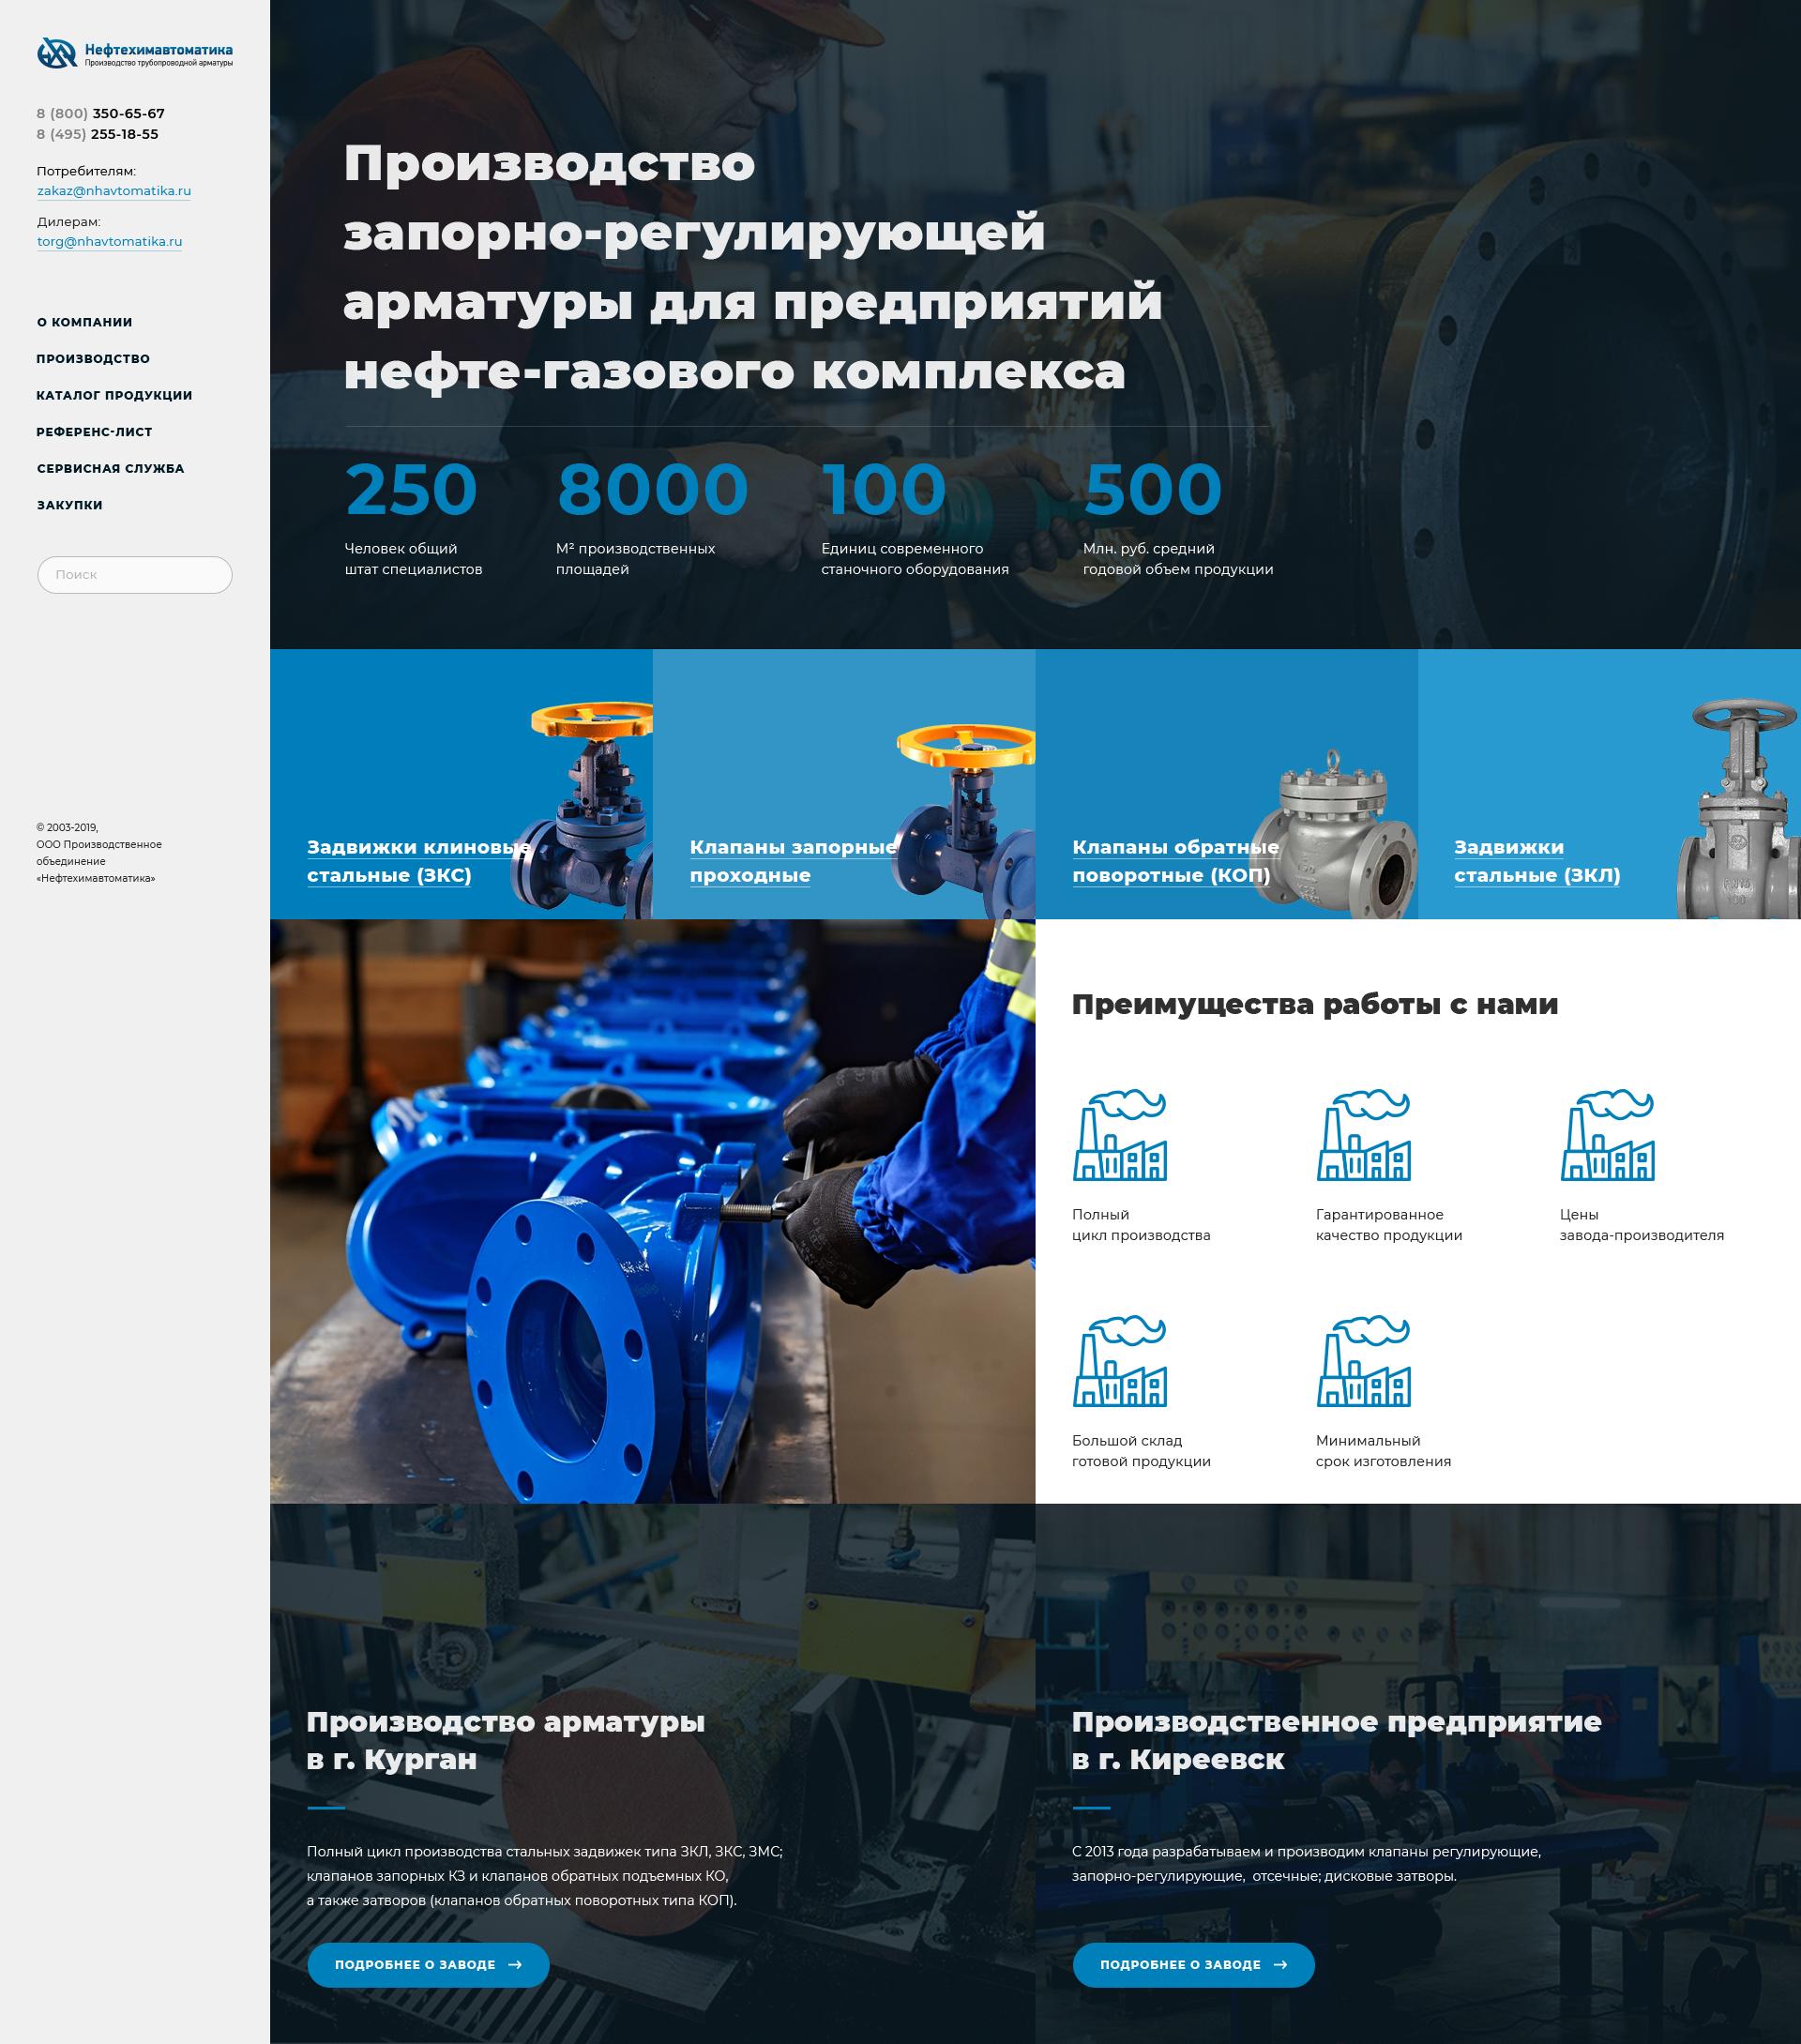 Внимание, конкурс для дизайнеров веб-сайтов! фото f_5425c6331ab6daa4.jpg